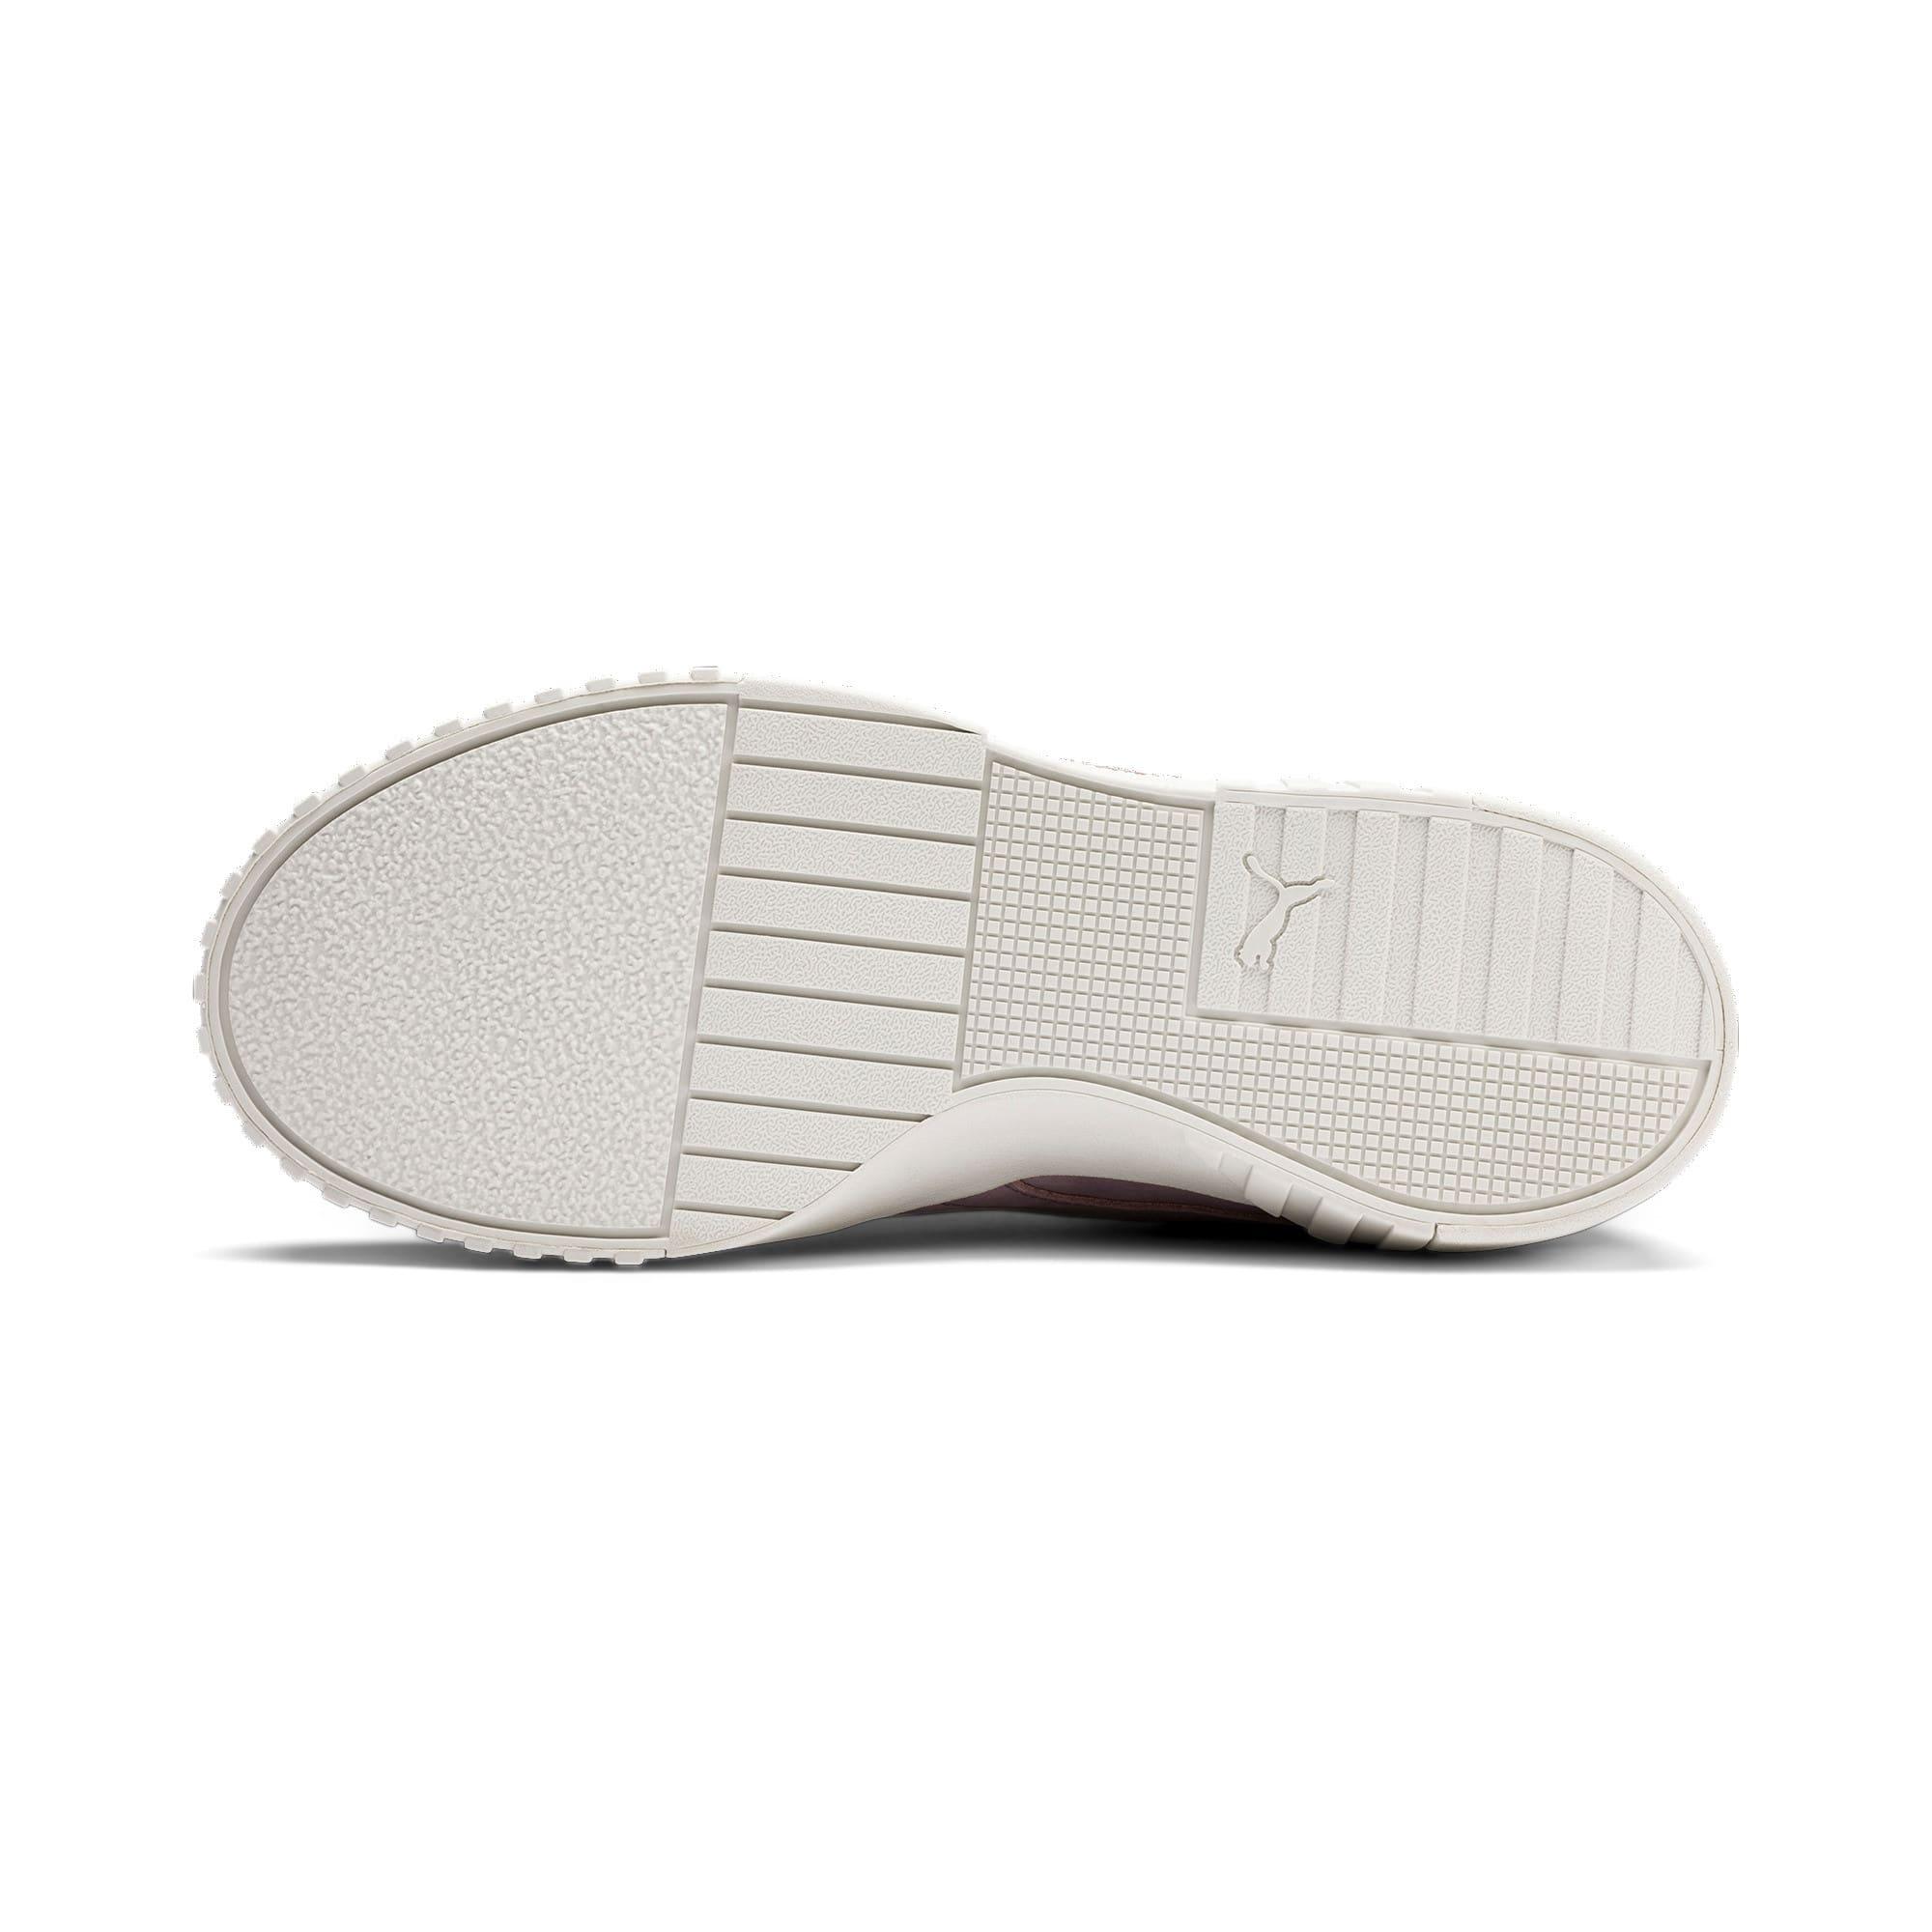 Miniatura 6 de Zapatos deportivos de nobuk Cali para mujer, Elderberry, mediano